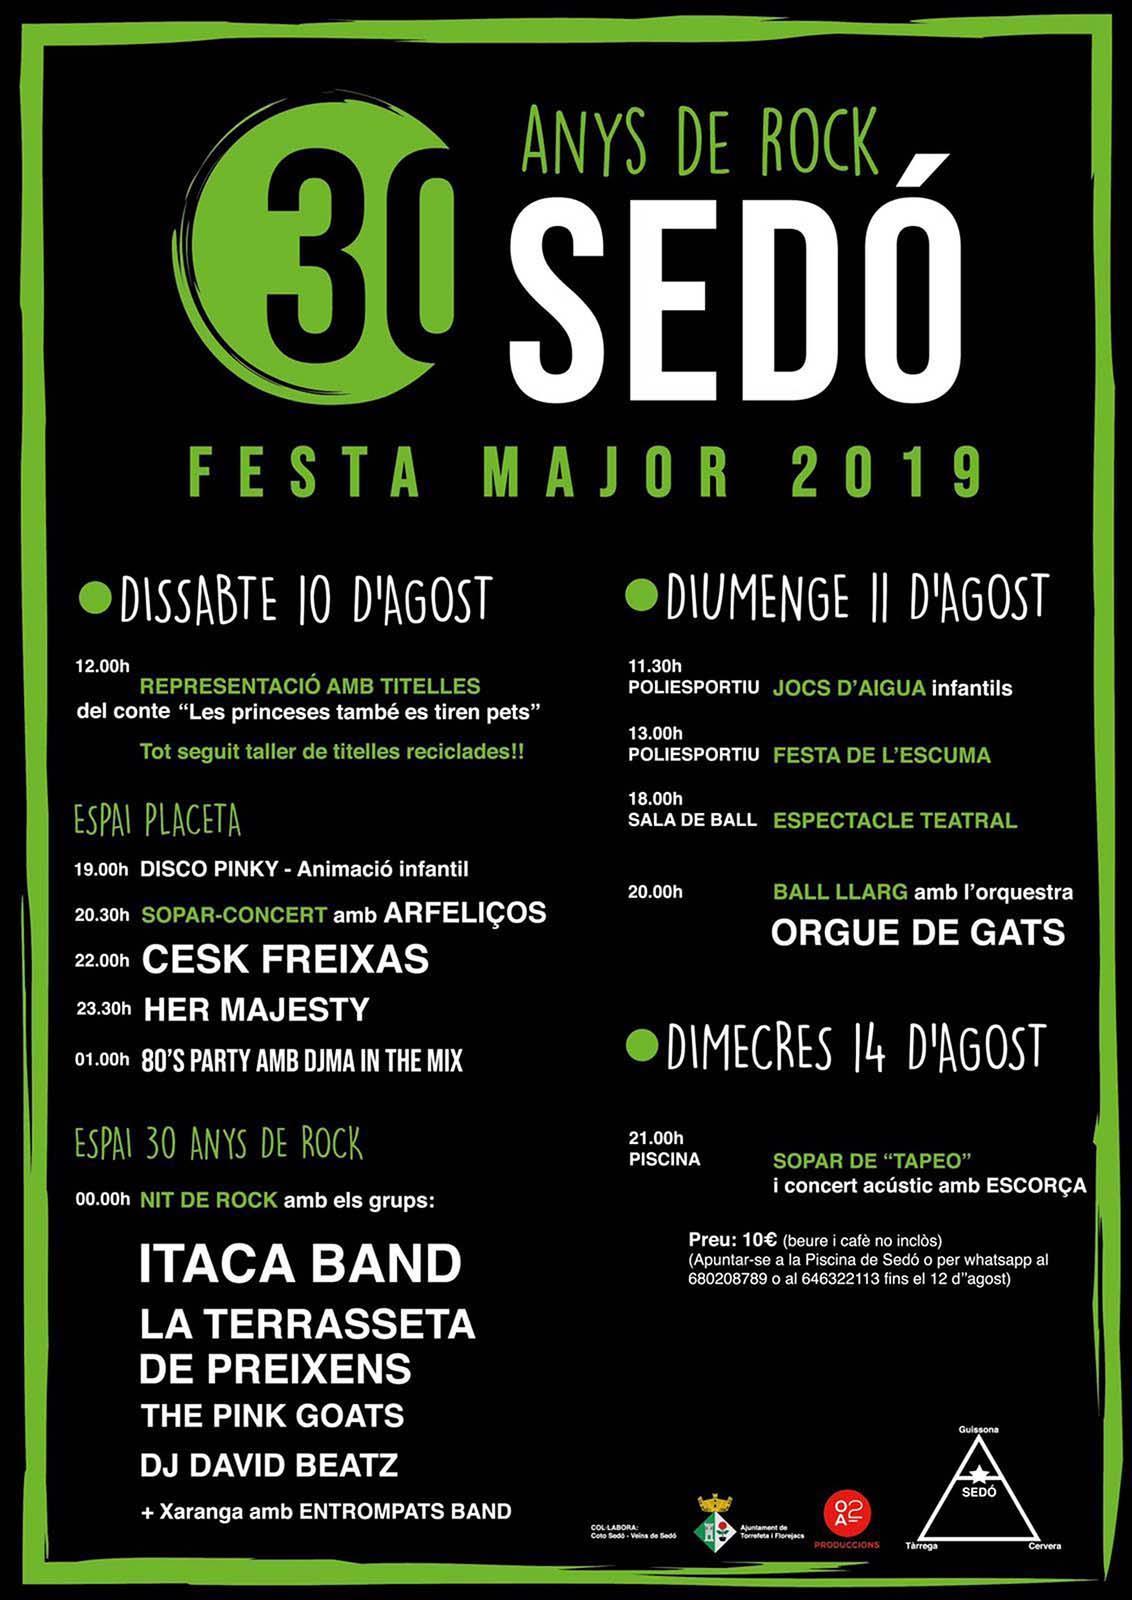 Festa major de Sedó 2019